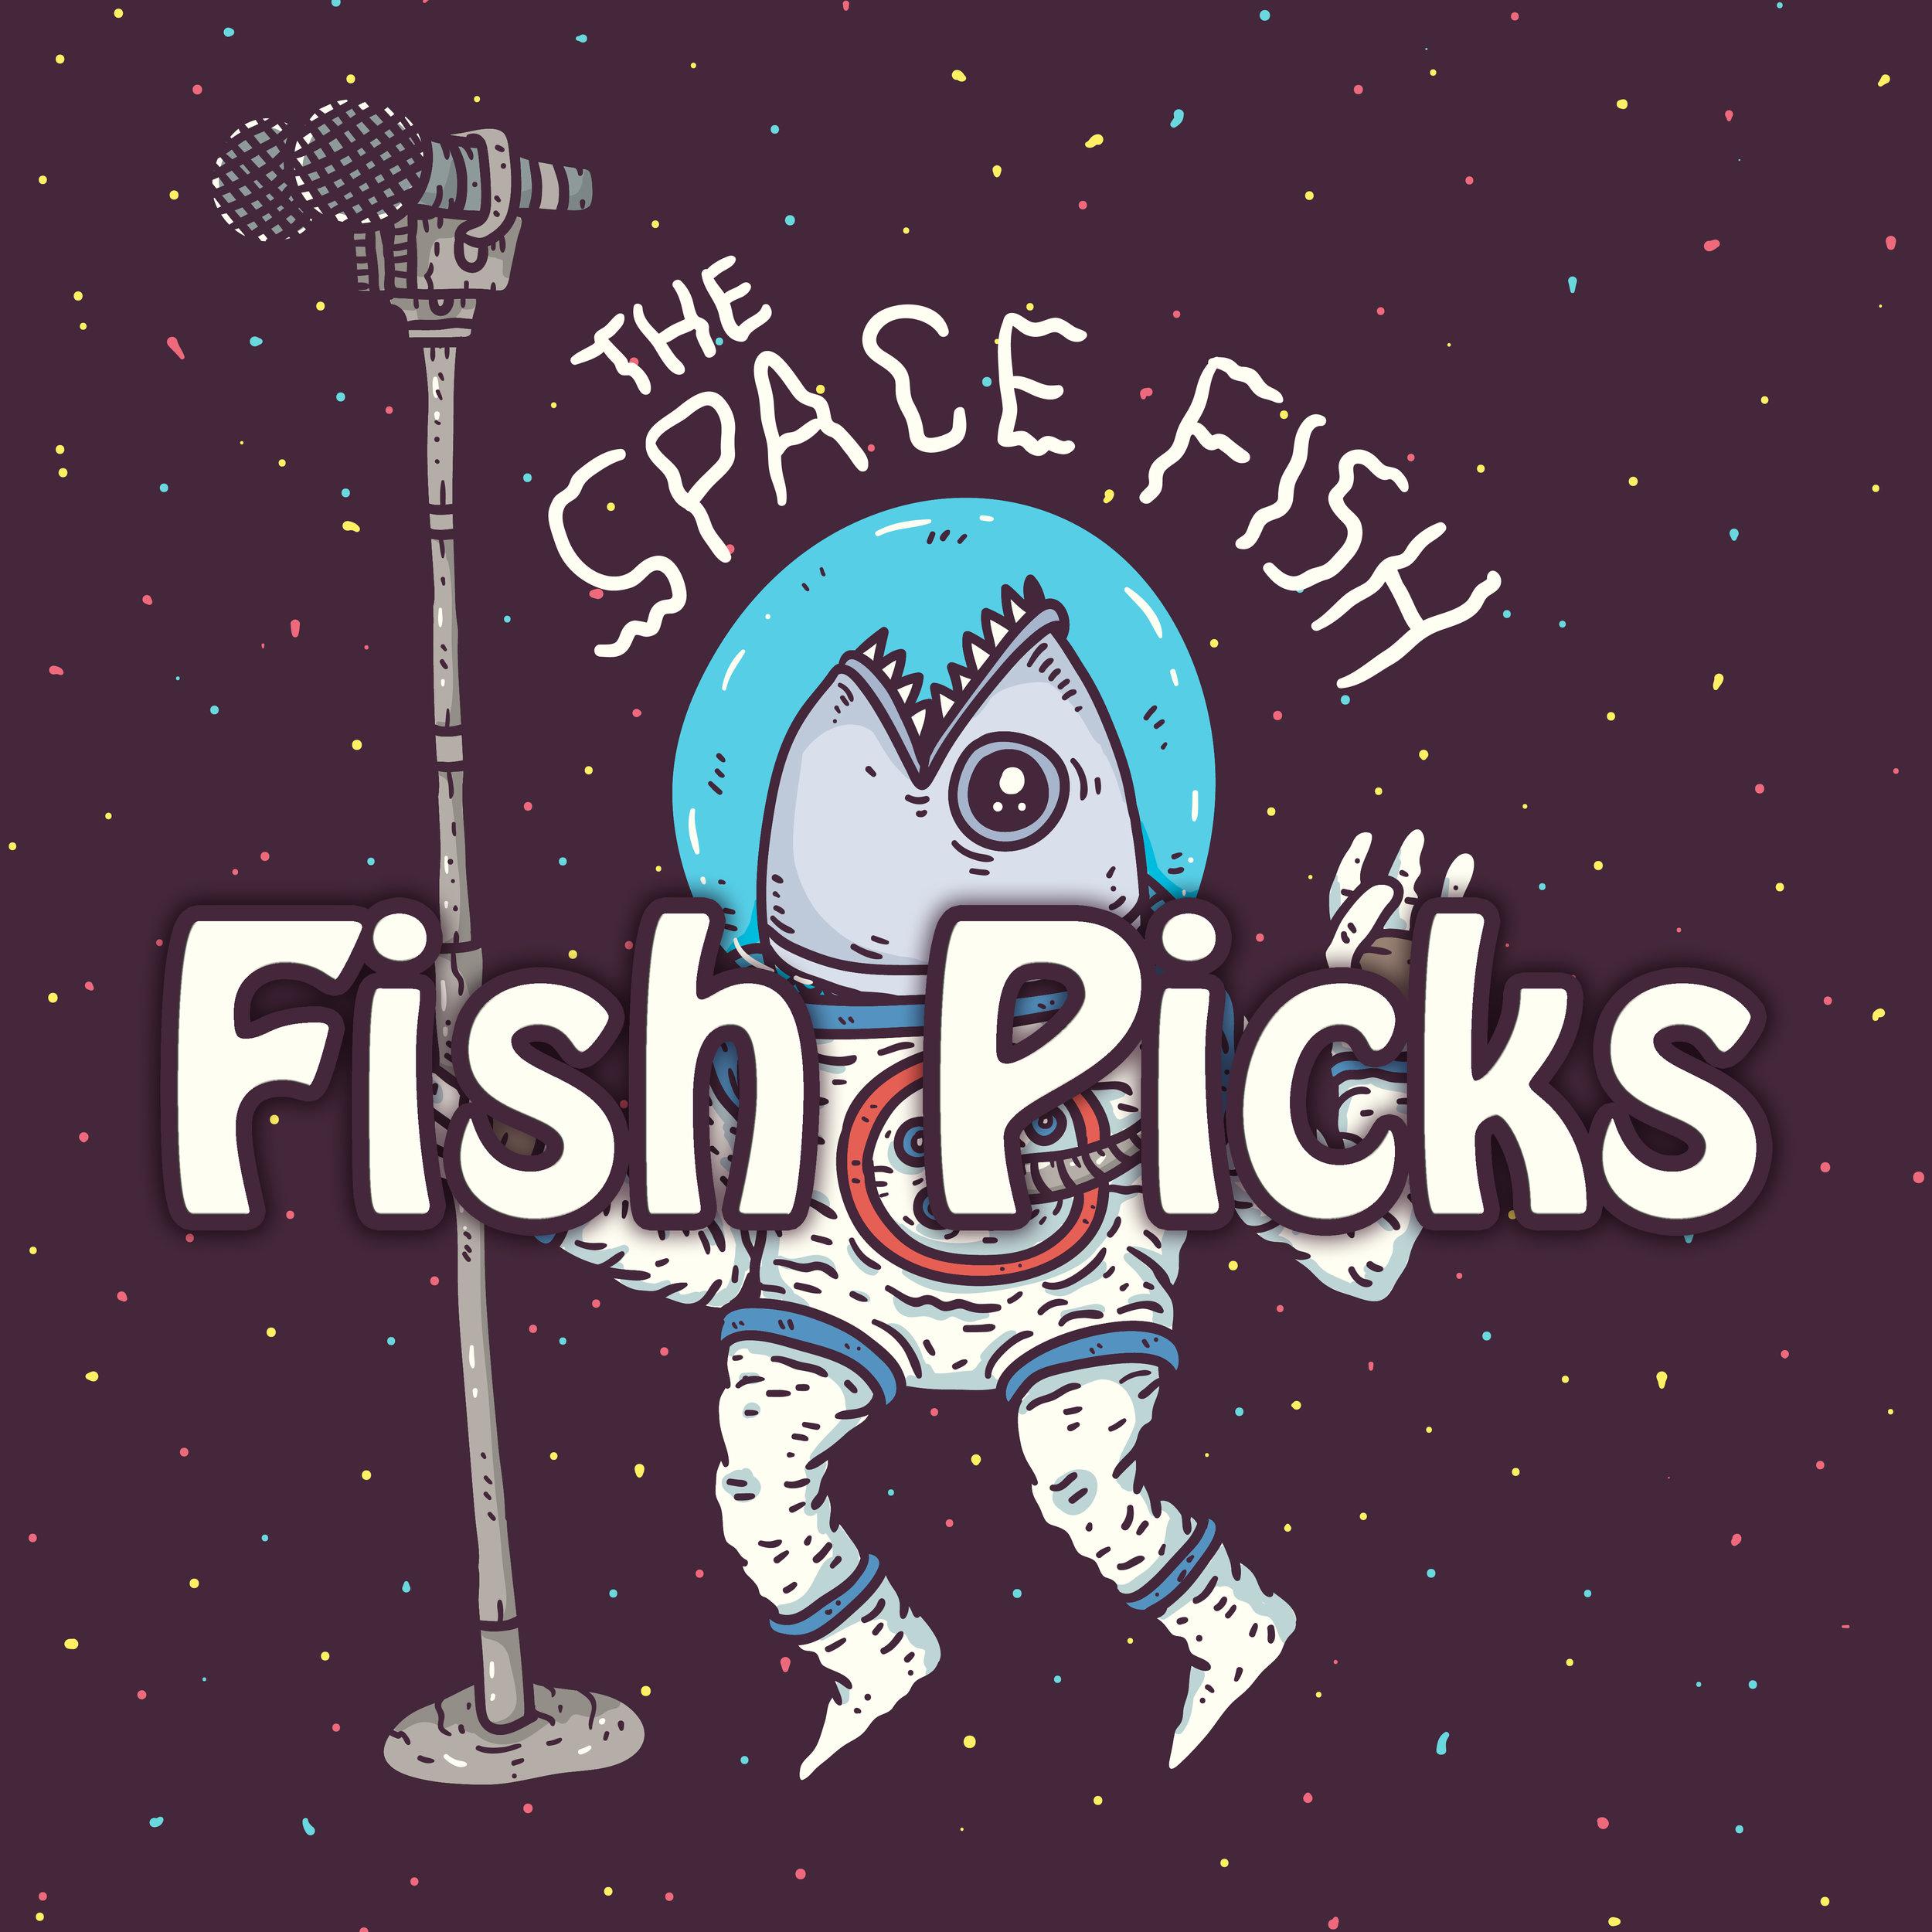 Fish Picks Top 10 Covers 2018 1.16.19